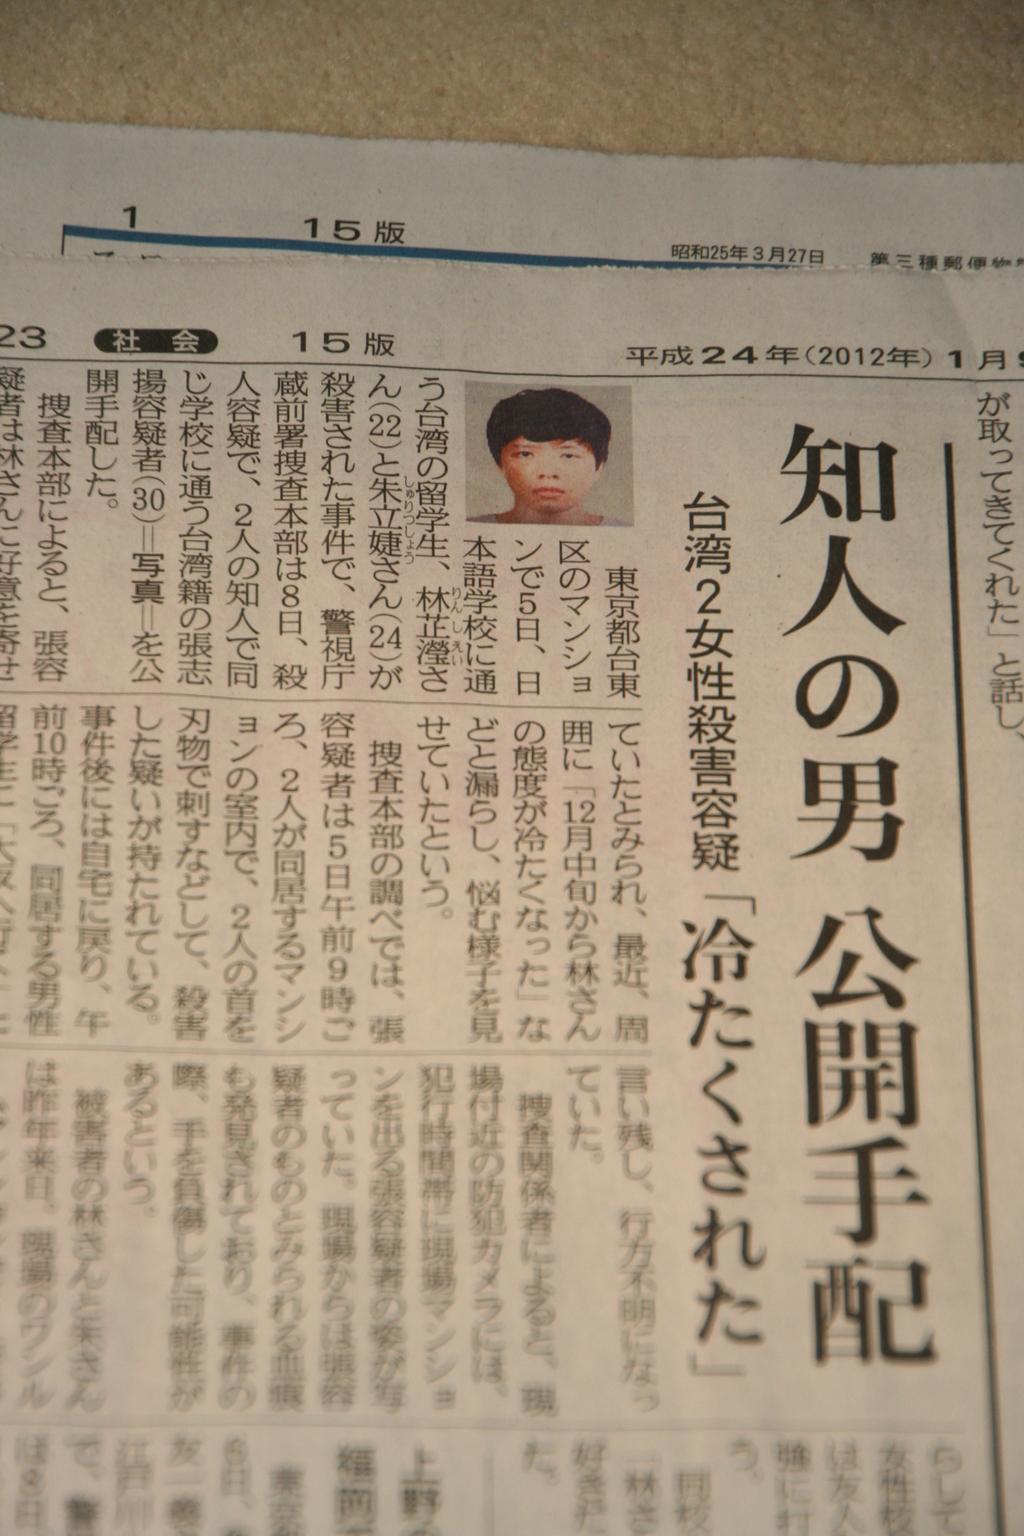 涉嫌在東京殺害兩名台灣女學生的張志揚8日遭日本警方發出通緝令,公開他的姓名和照片。圖為關注此1事件的日本媒體也紛紛報導。中央社記者楊明珠東...